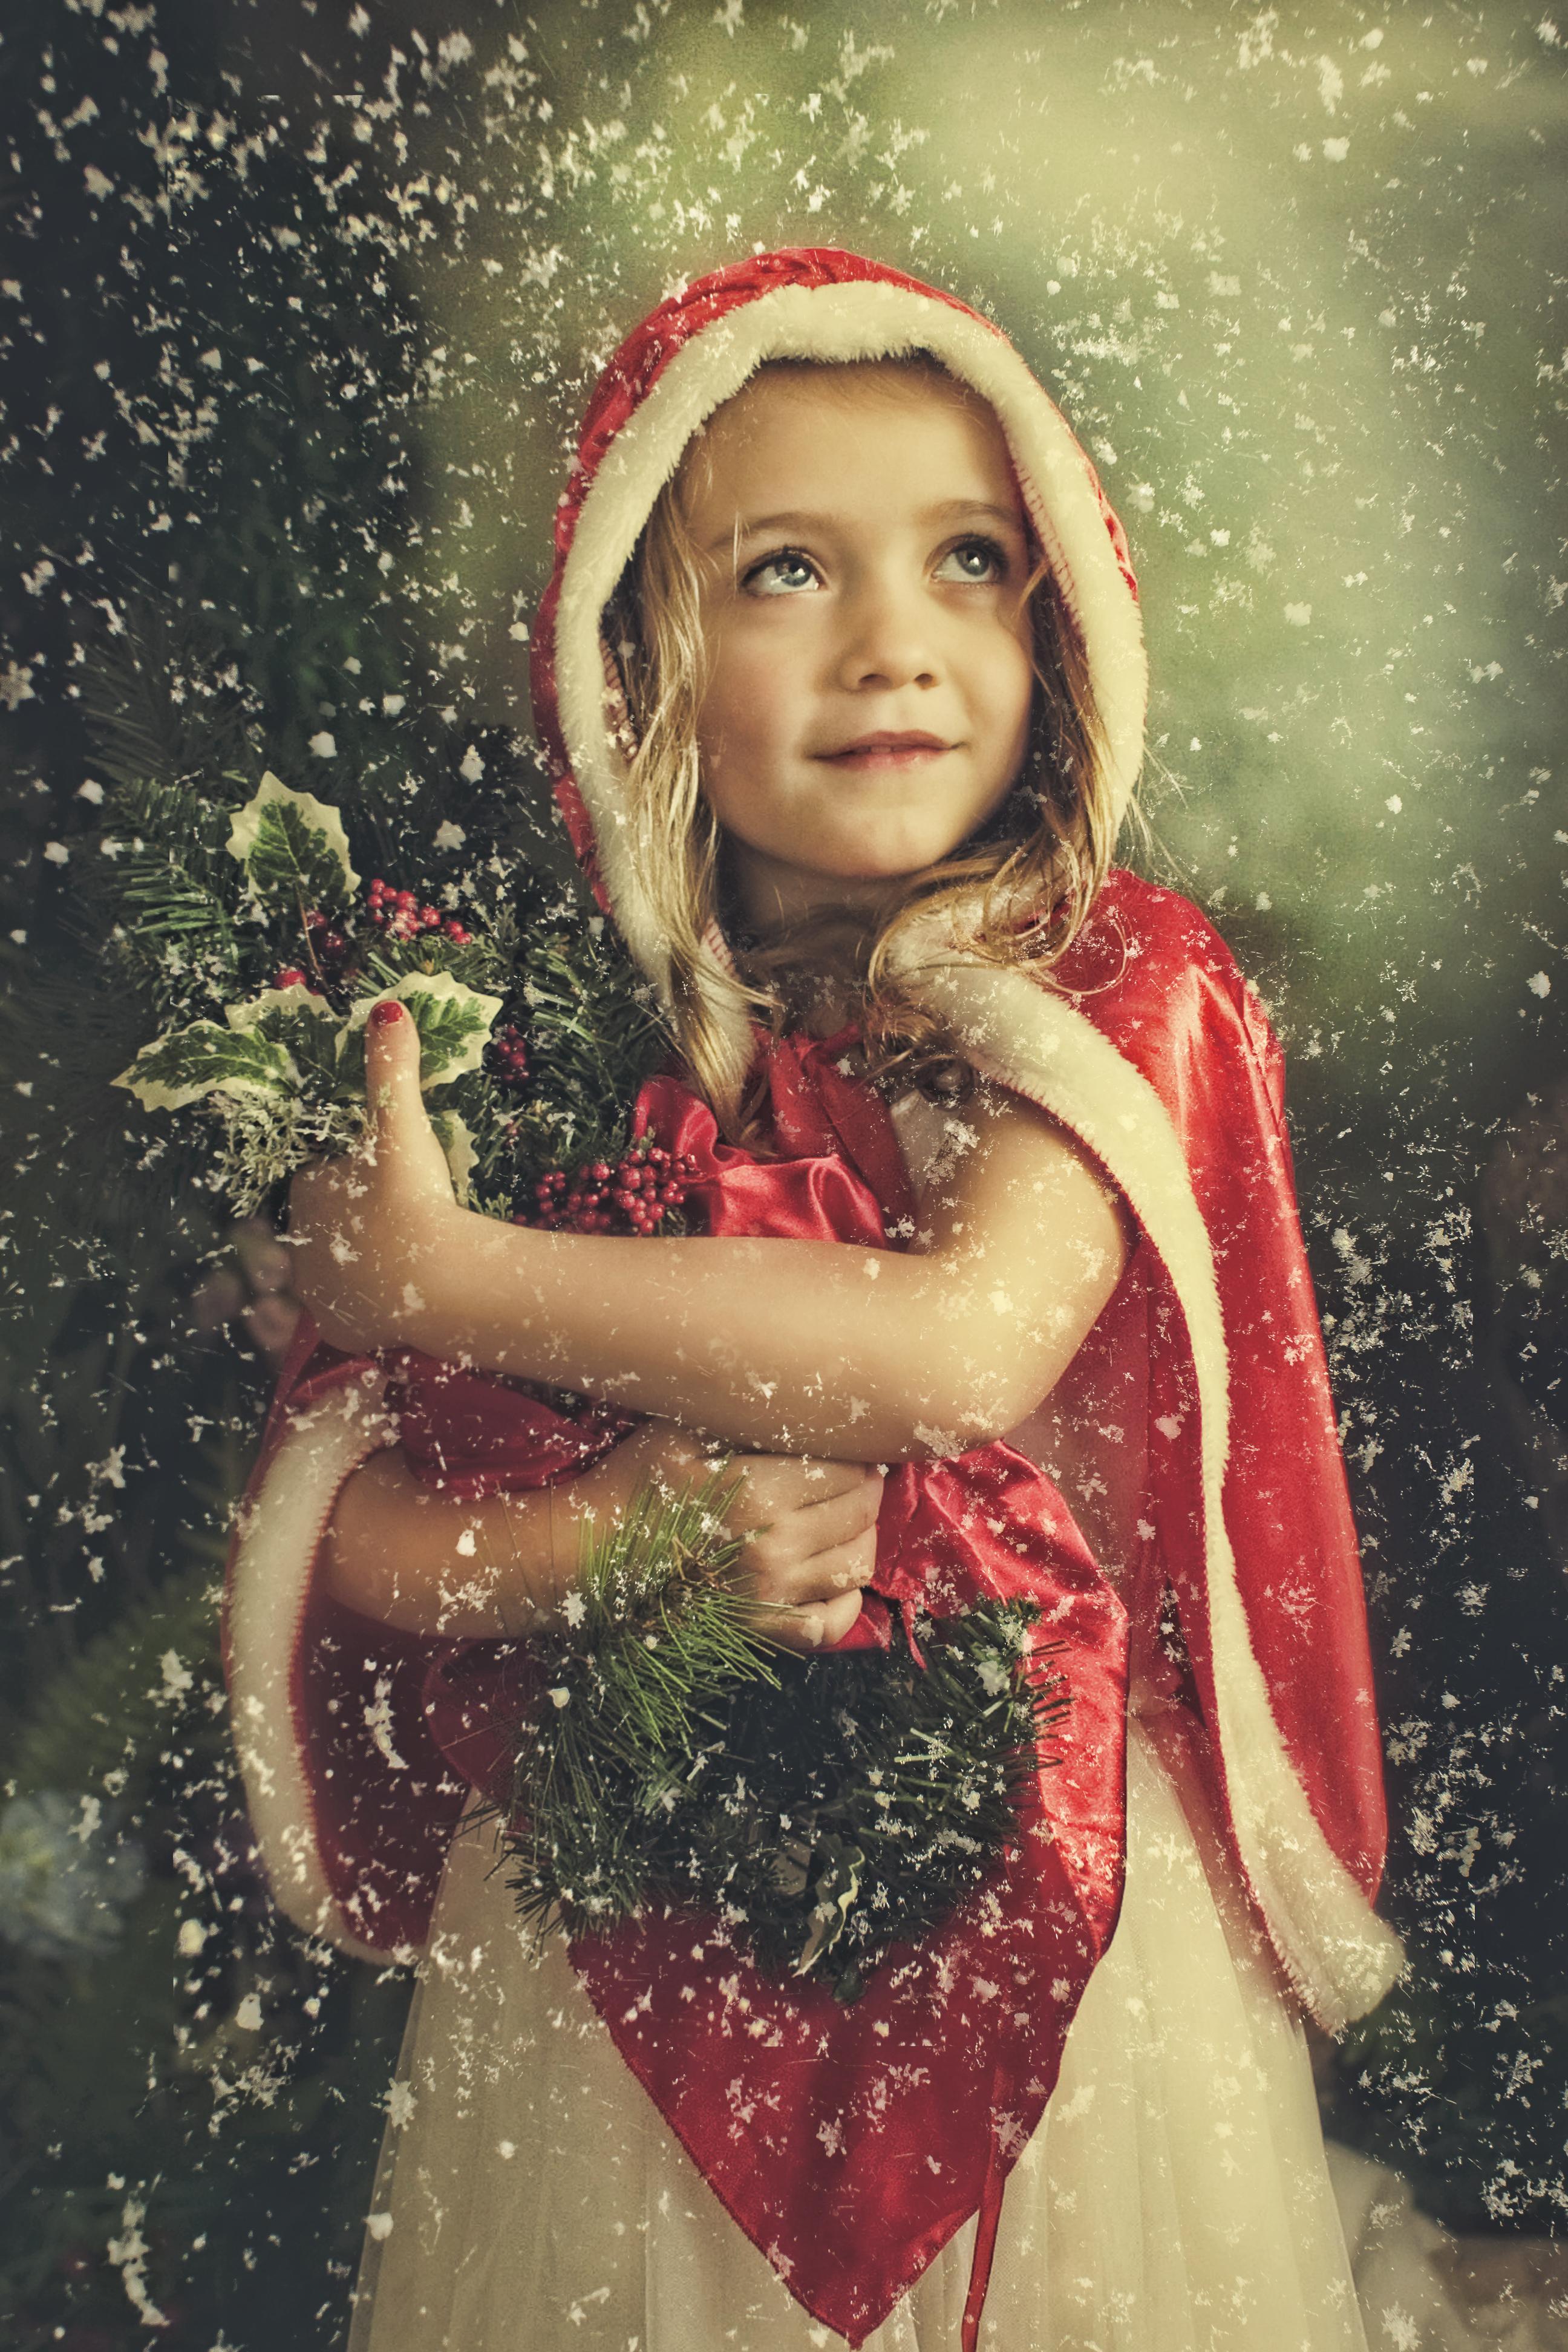 Christmas child portrait